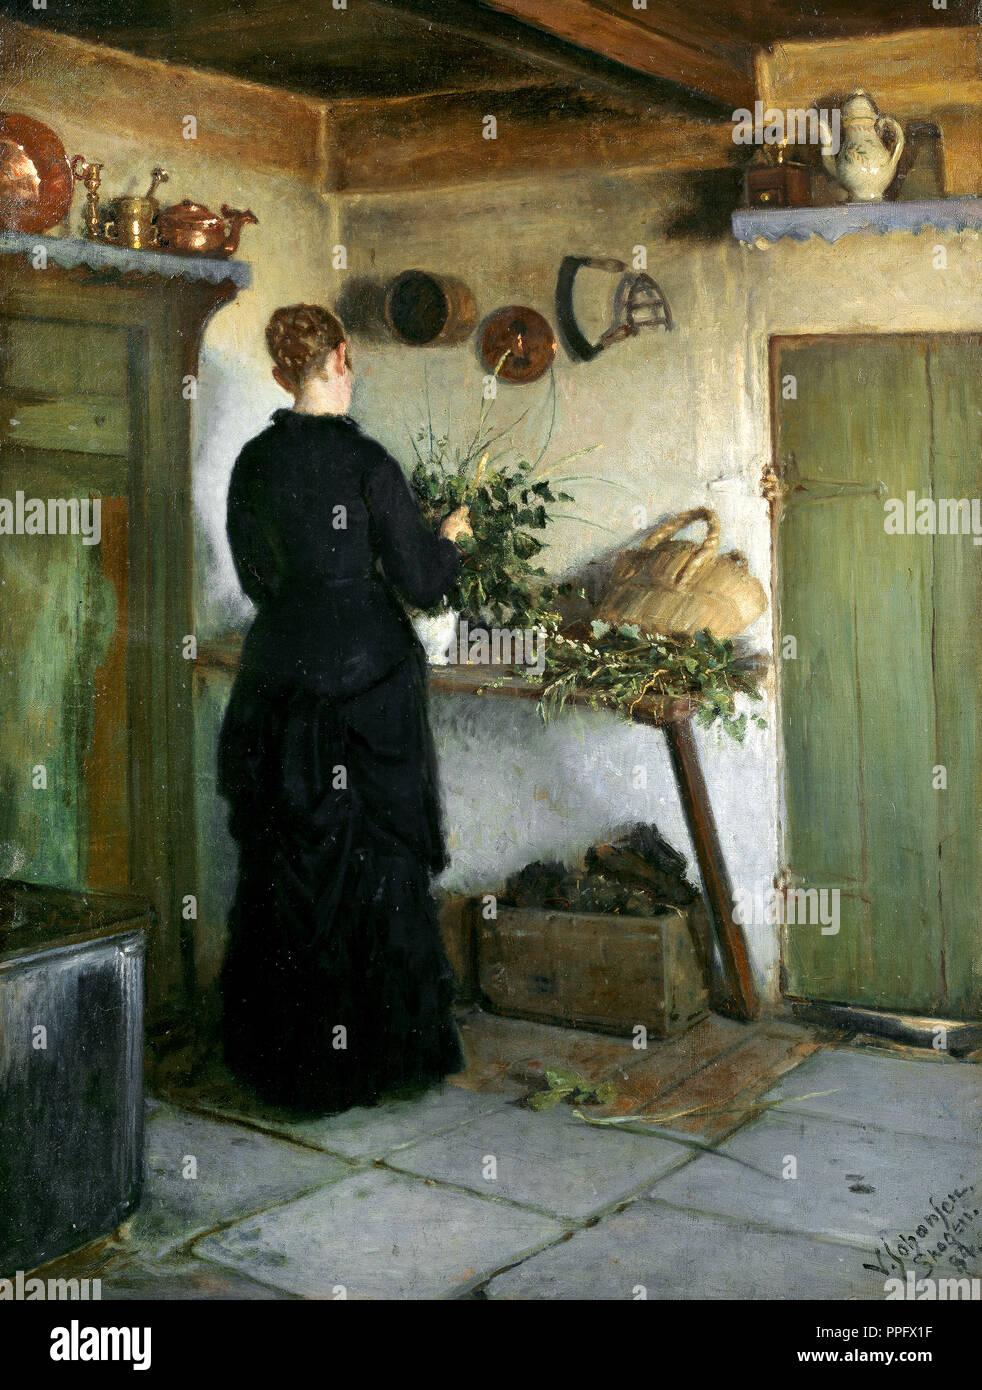 Viggo Johansen - Cuisine Intérieur. La femme de l'artiste Organisation de fleurs. 1884 Huile sur toile. Skagens Museum, Skagen, Danemark. Photo Stock